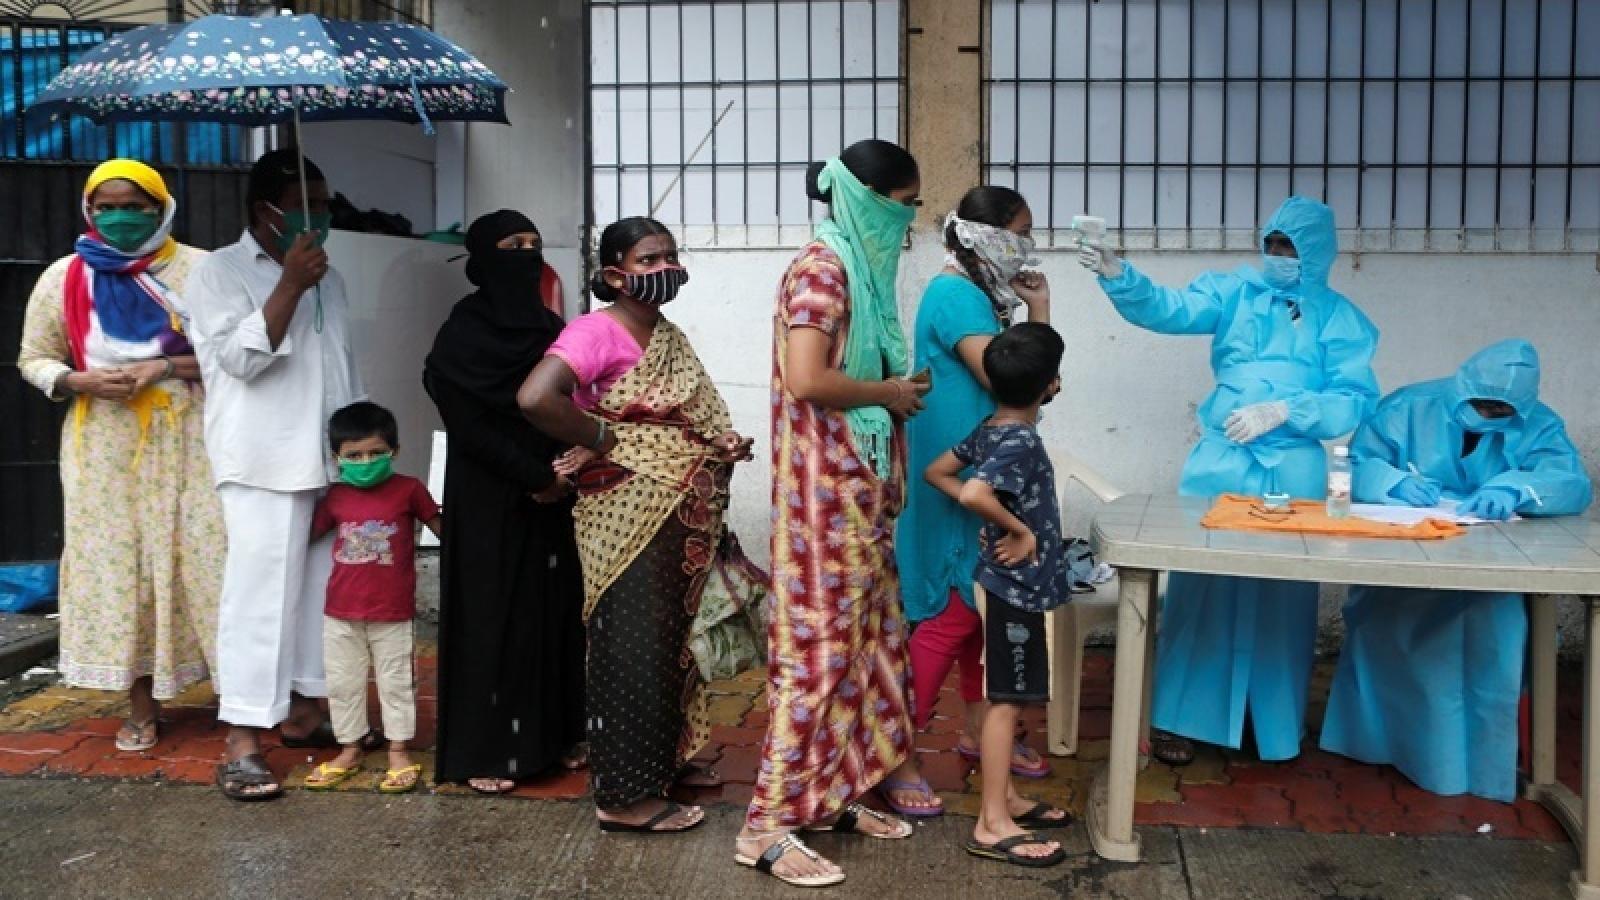 Số ca Covid-19 ở Ấn Độ vượt 7 triệu người, kinh tế bị ảnh hưởng nặng nề